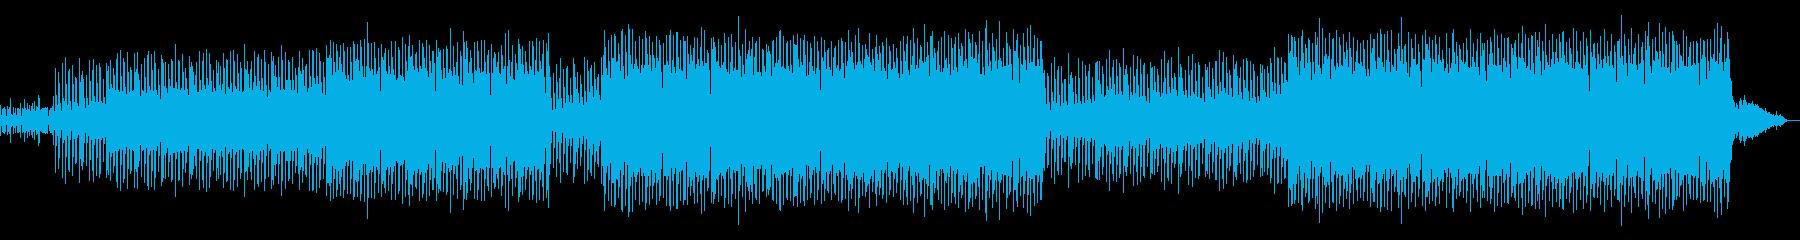 明るい雰囲気のテクノポップの再生済みの波形